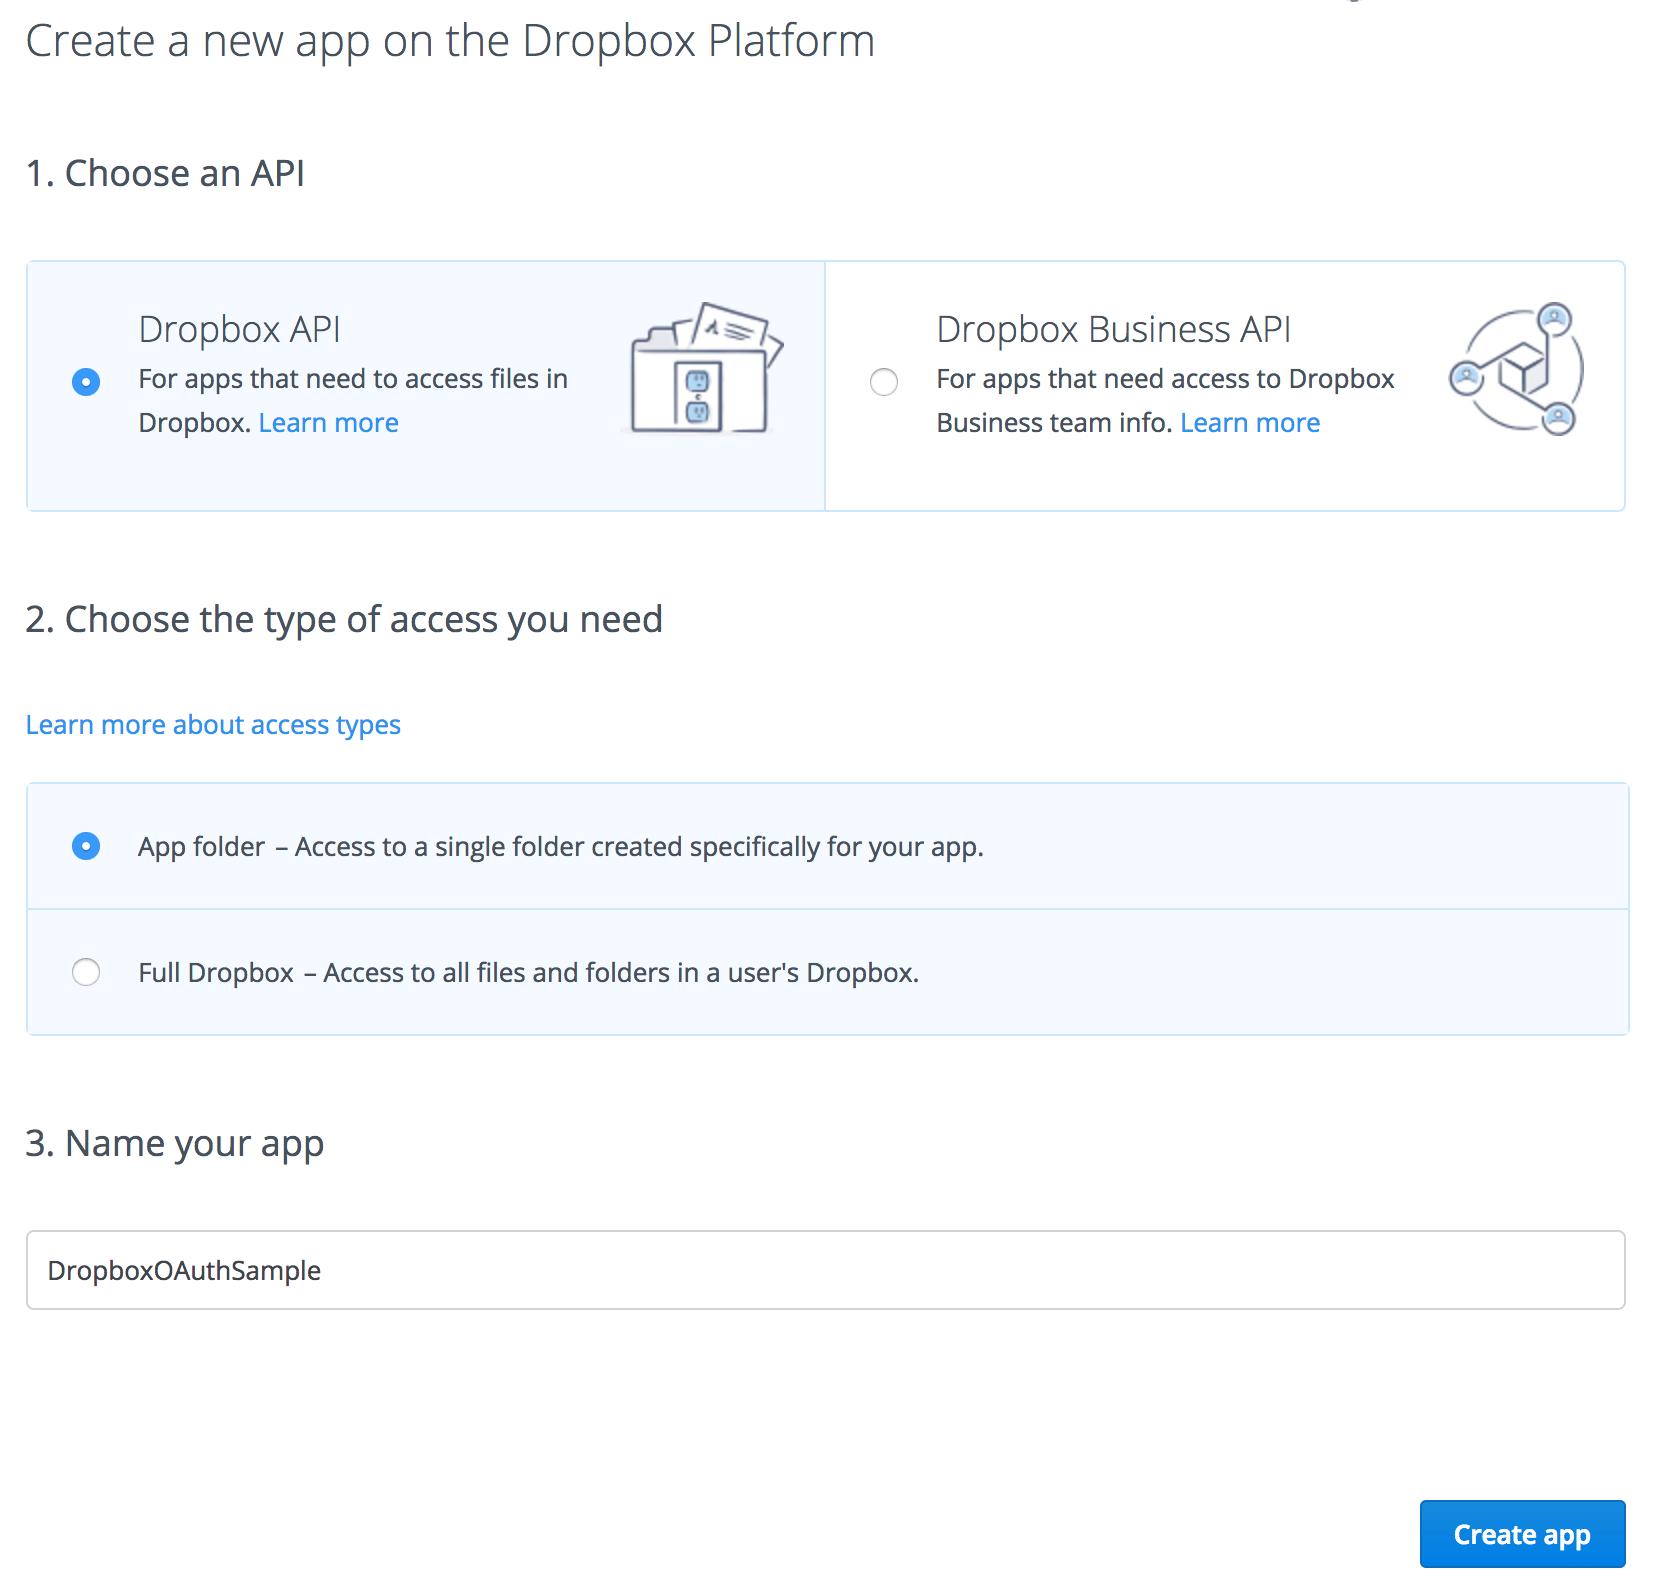 créer une application dropbox